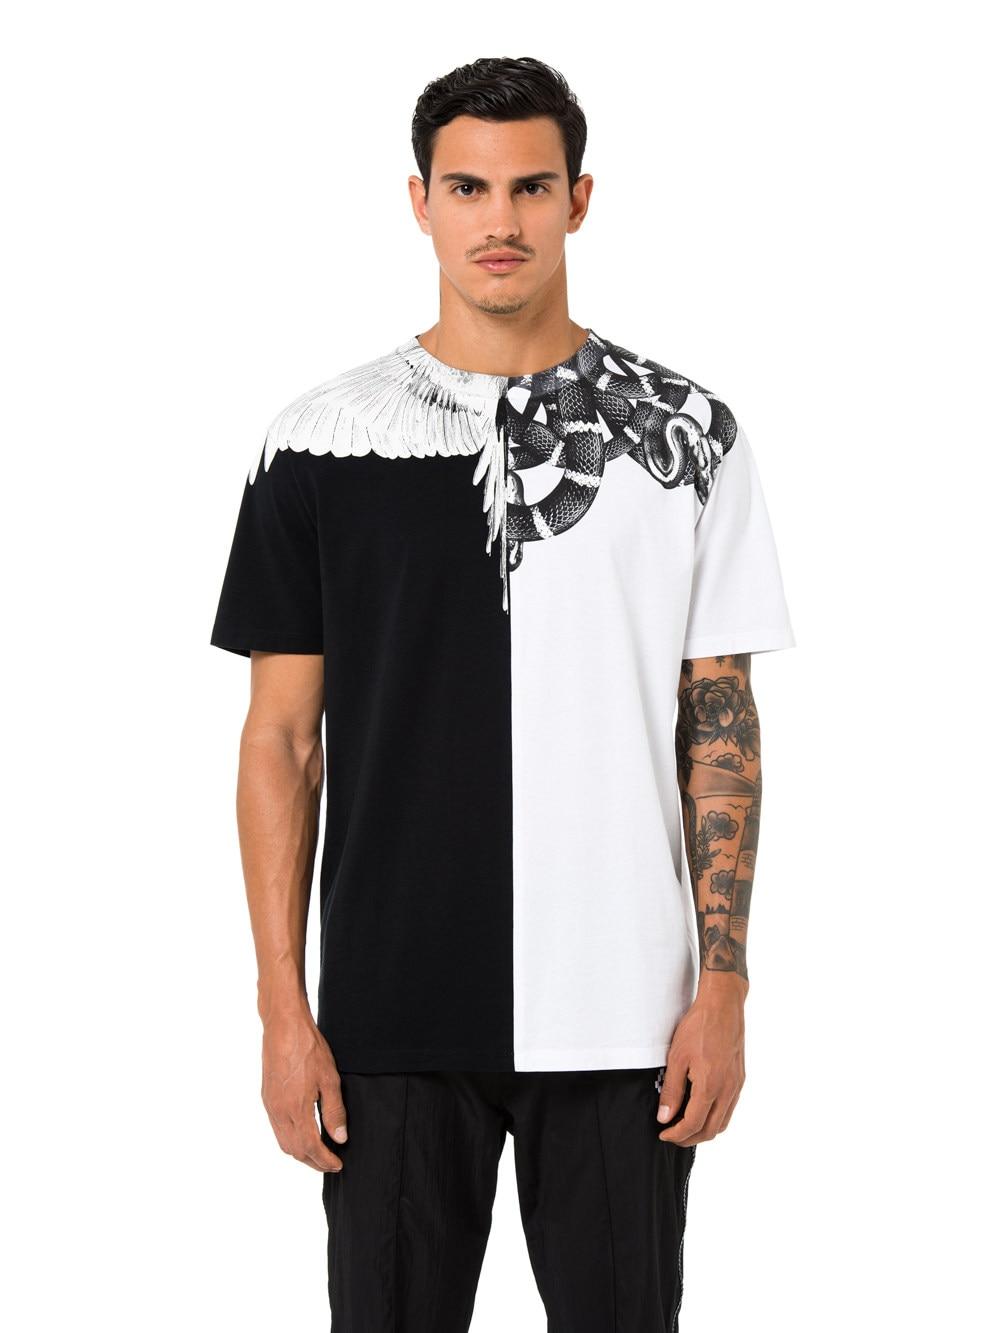 fe0da4fd56c 2018 Brand New Marcelo Burlon T Shirt Men Women 1 1 County Of Milan Snake